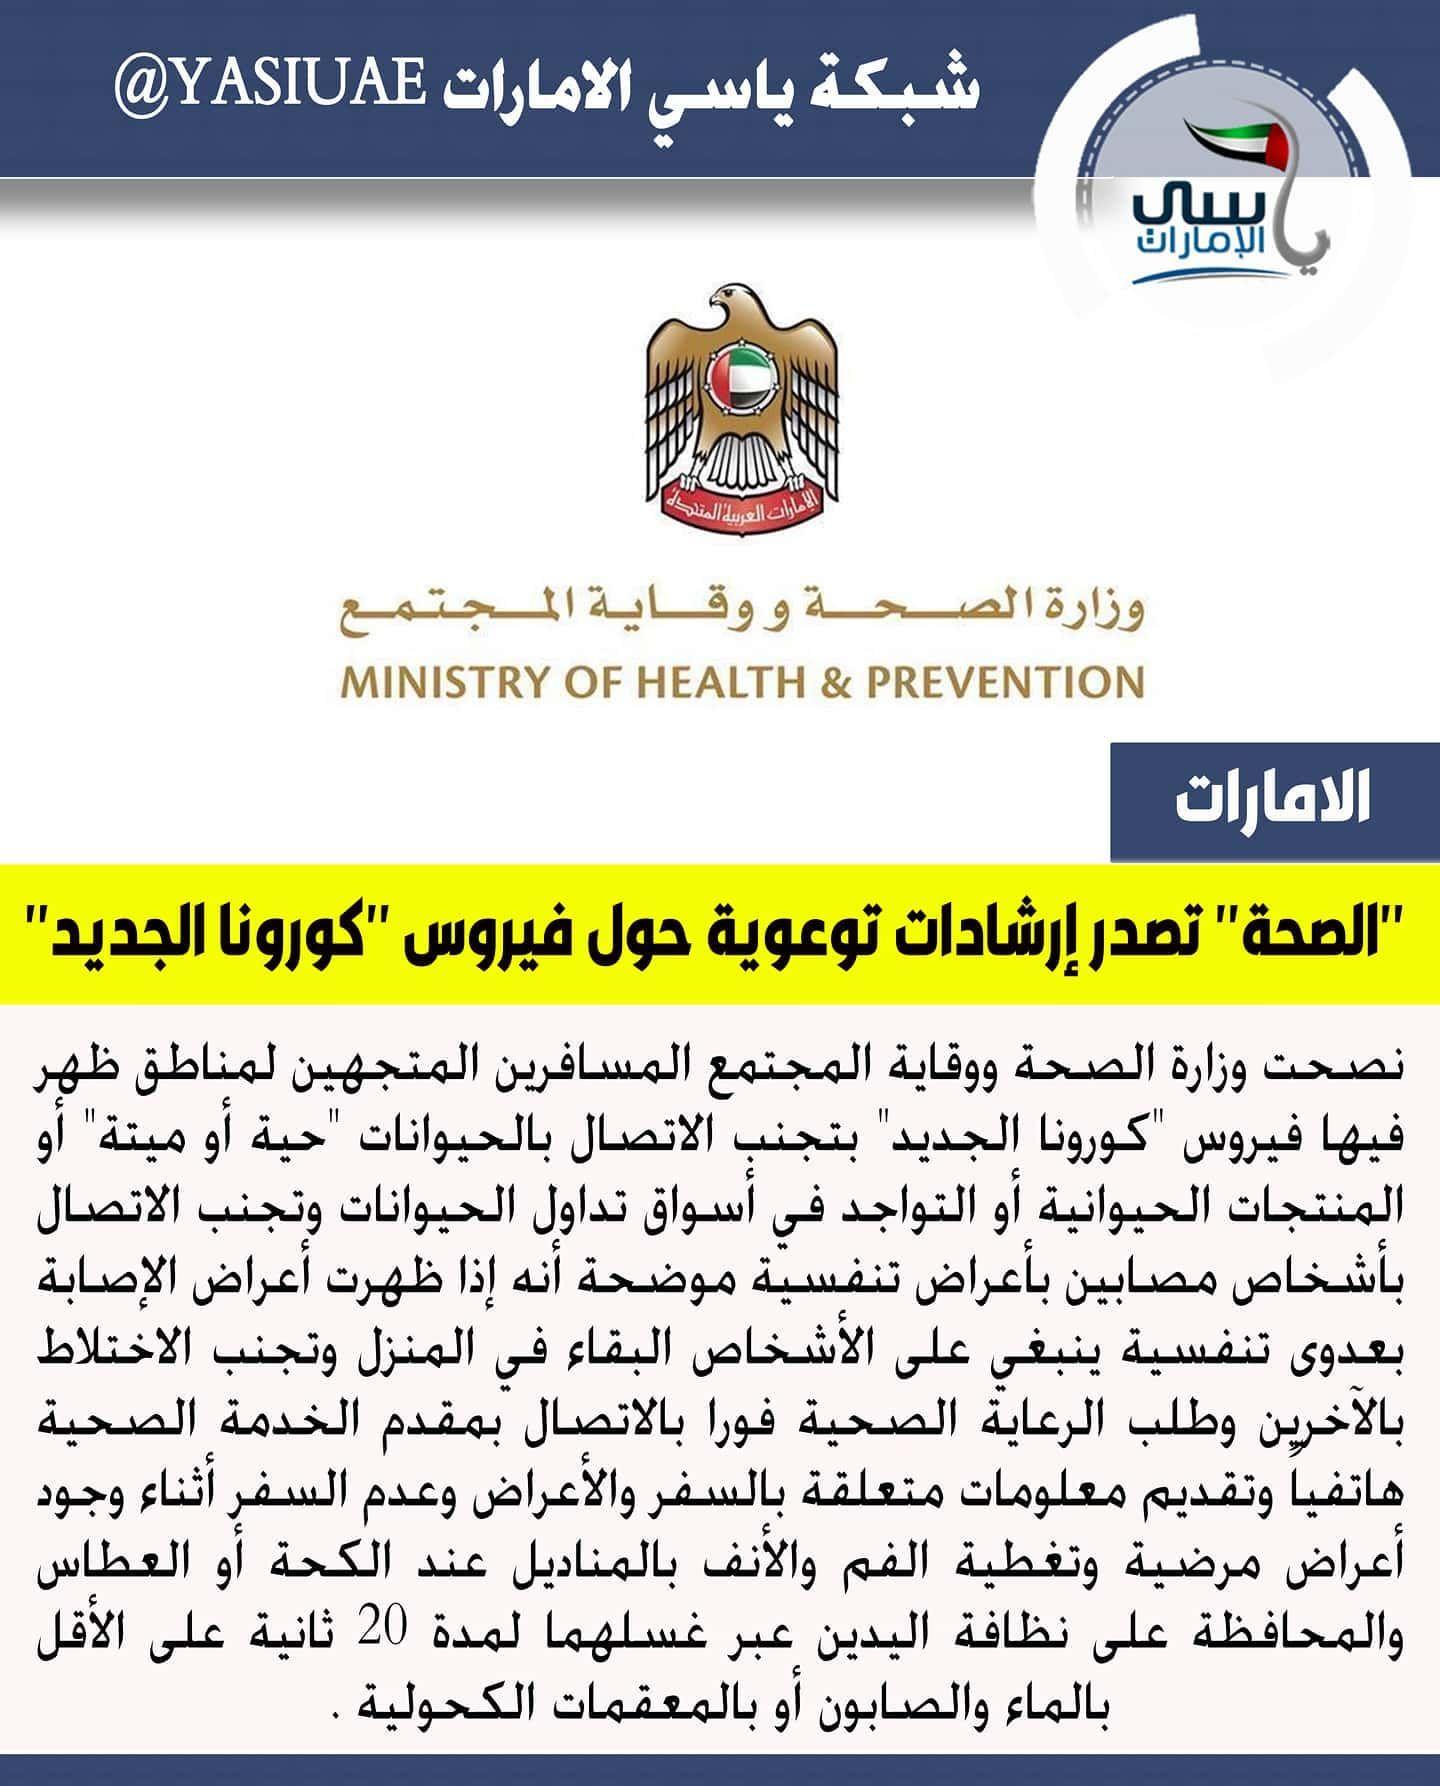 الصحة تصدر إرشادات توعوية حول فيروس كورونا الجديد أصدرت وزارة الصحة ووقاية المجتمع اليوم الثلاثاء مجموعة من الإرشادت التوعوية حول الفي Prevention Health